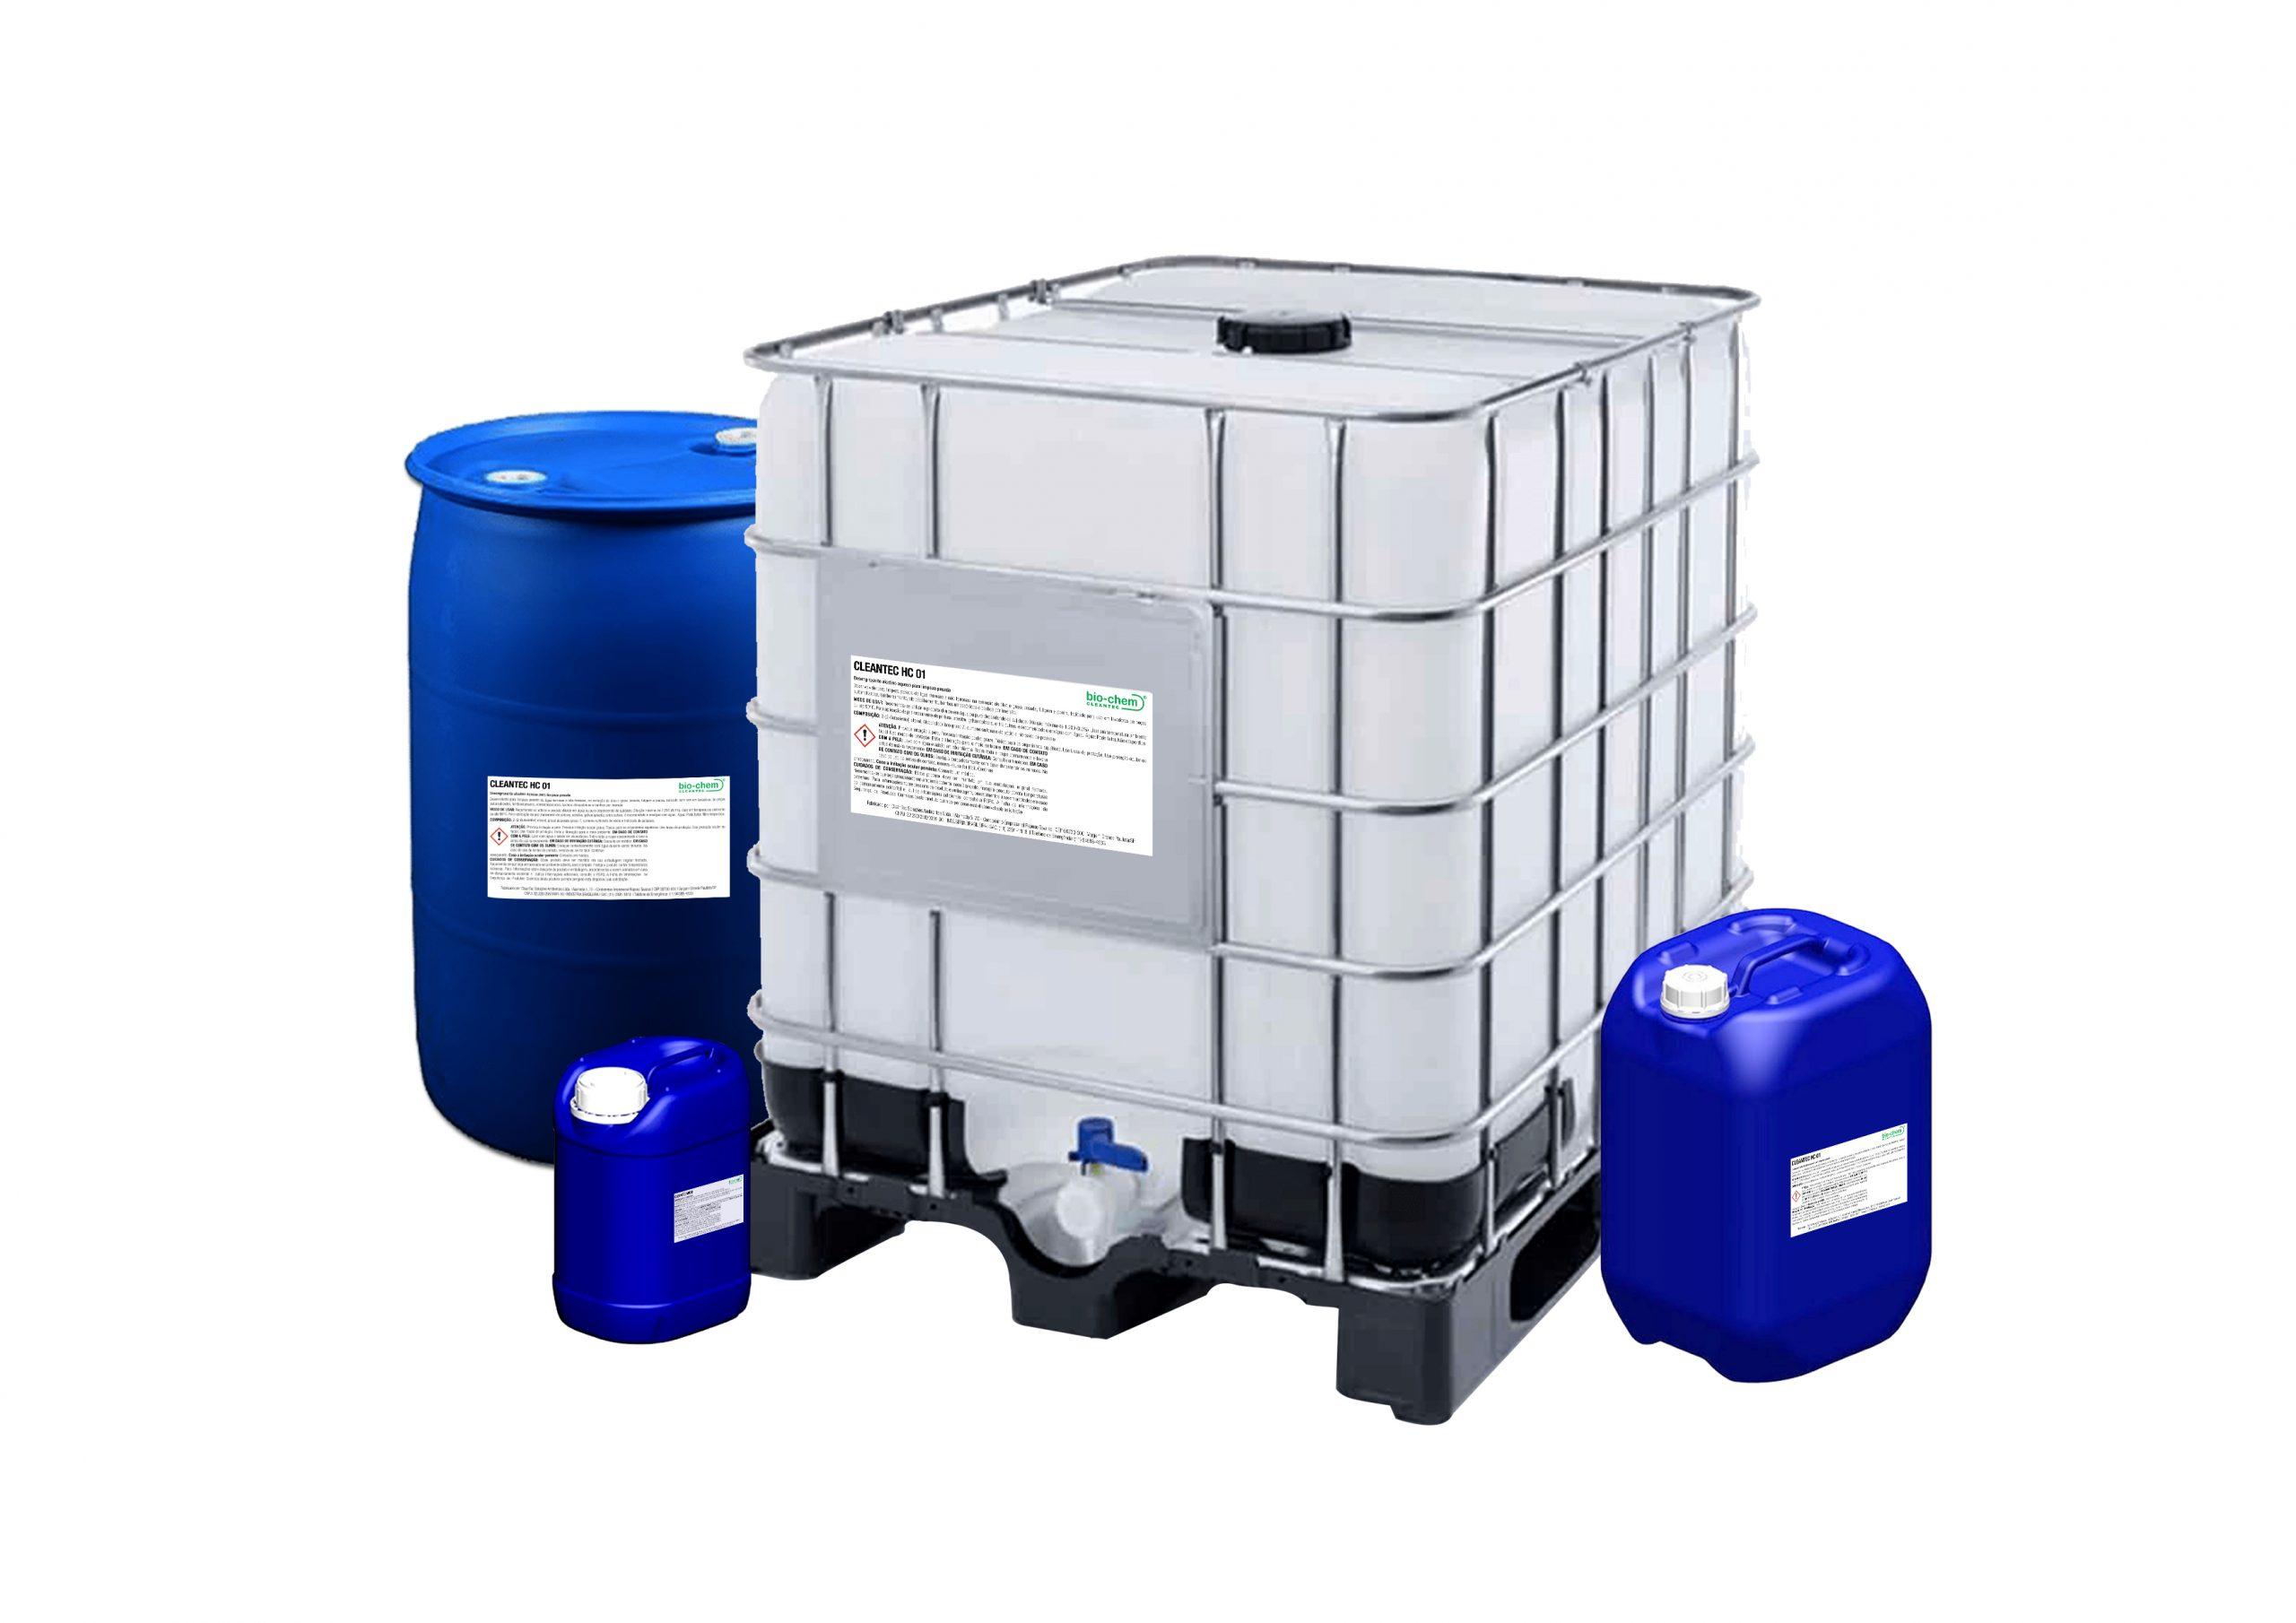 Desengraxante CleanTec HC 1 é uma ótima alternativa para remover óleos e graxas mais resistentes